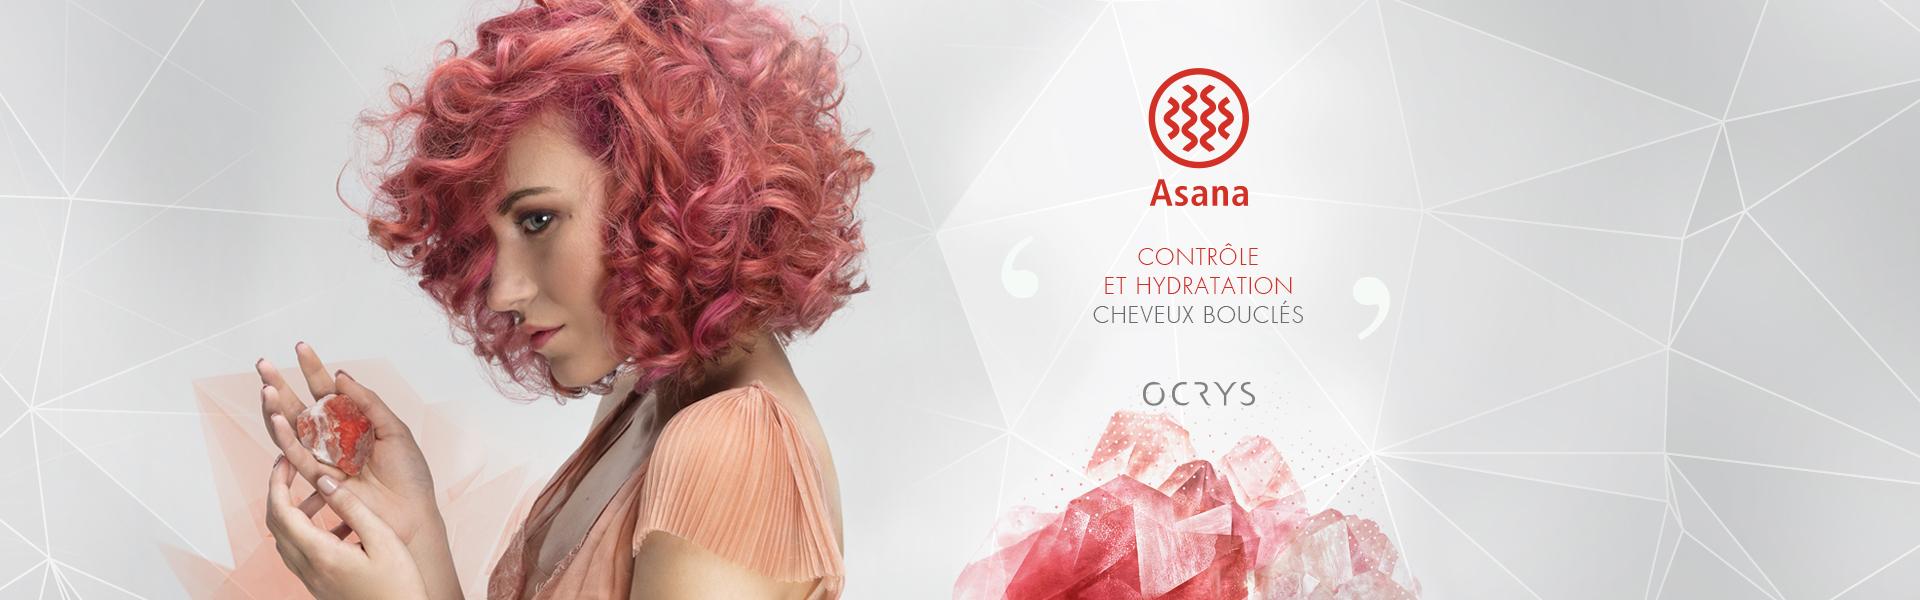 banner_centrali_ASANA_FR